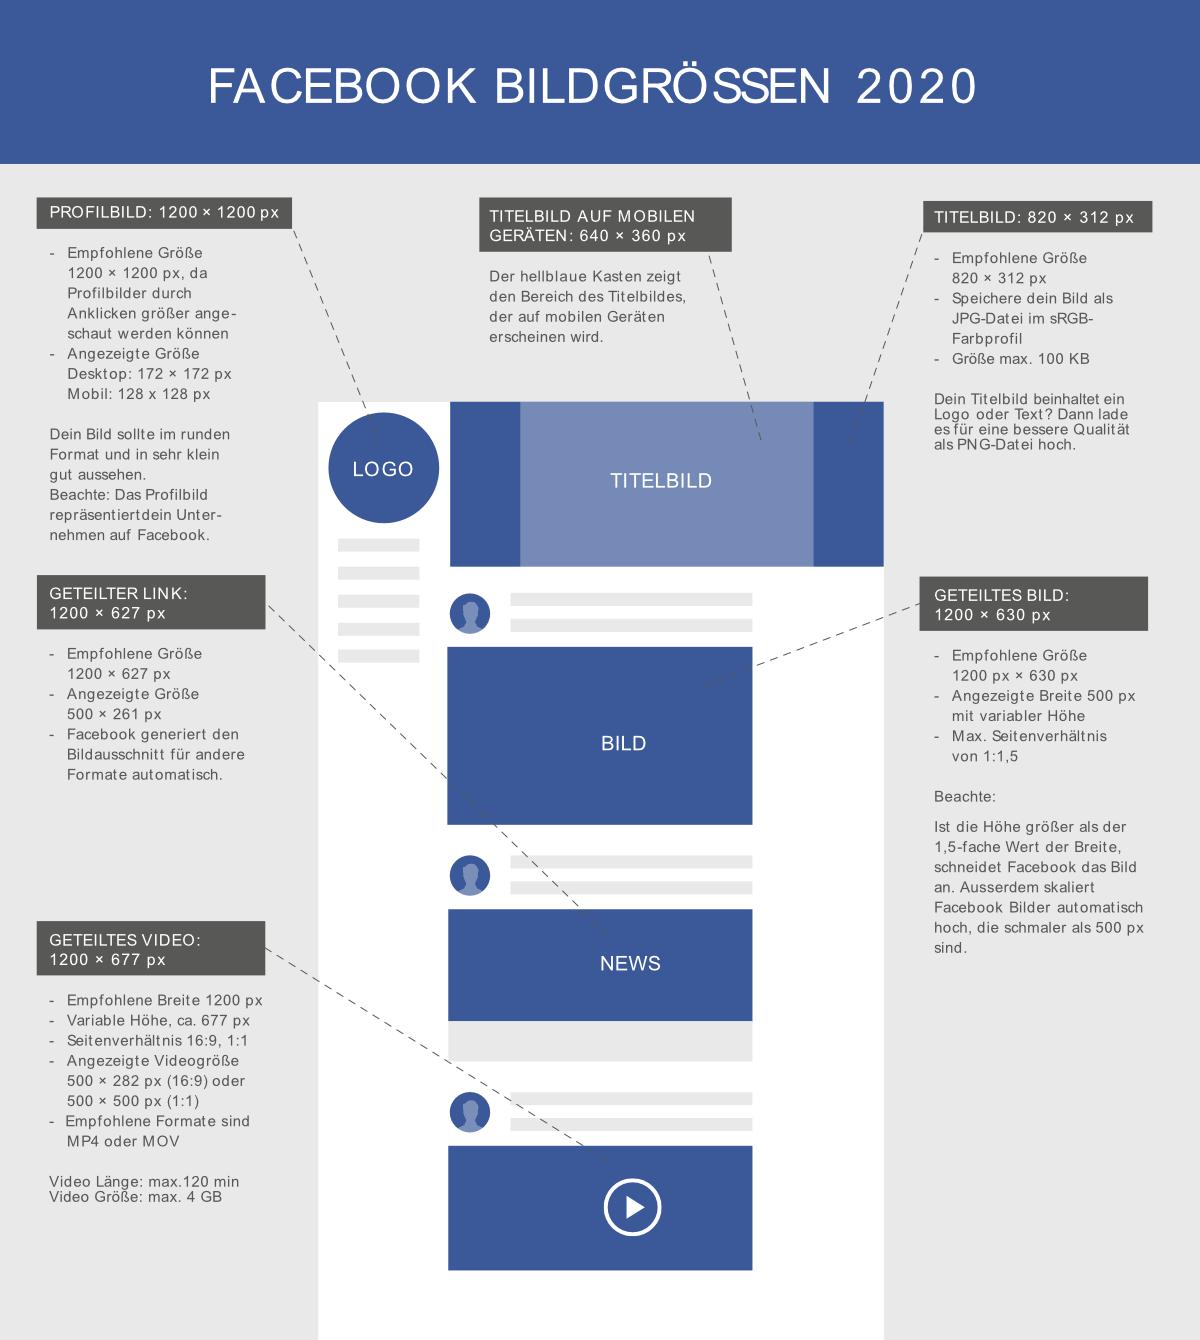 Facebook Bildgrößen 2020